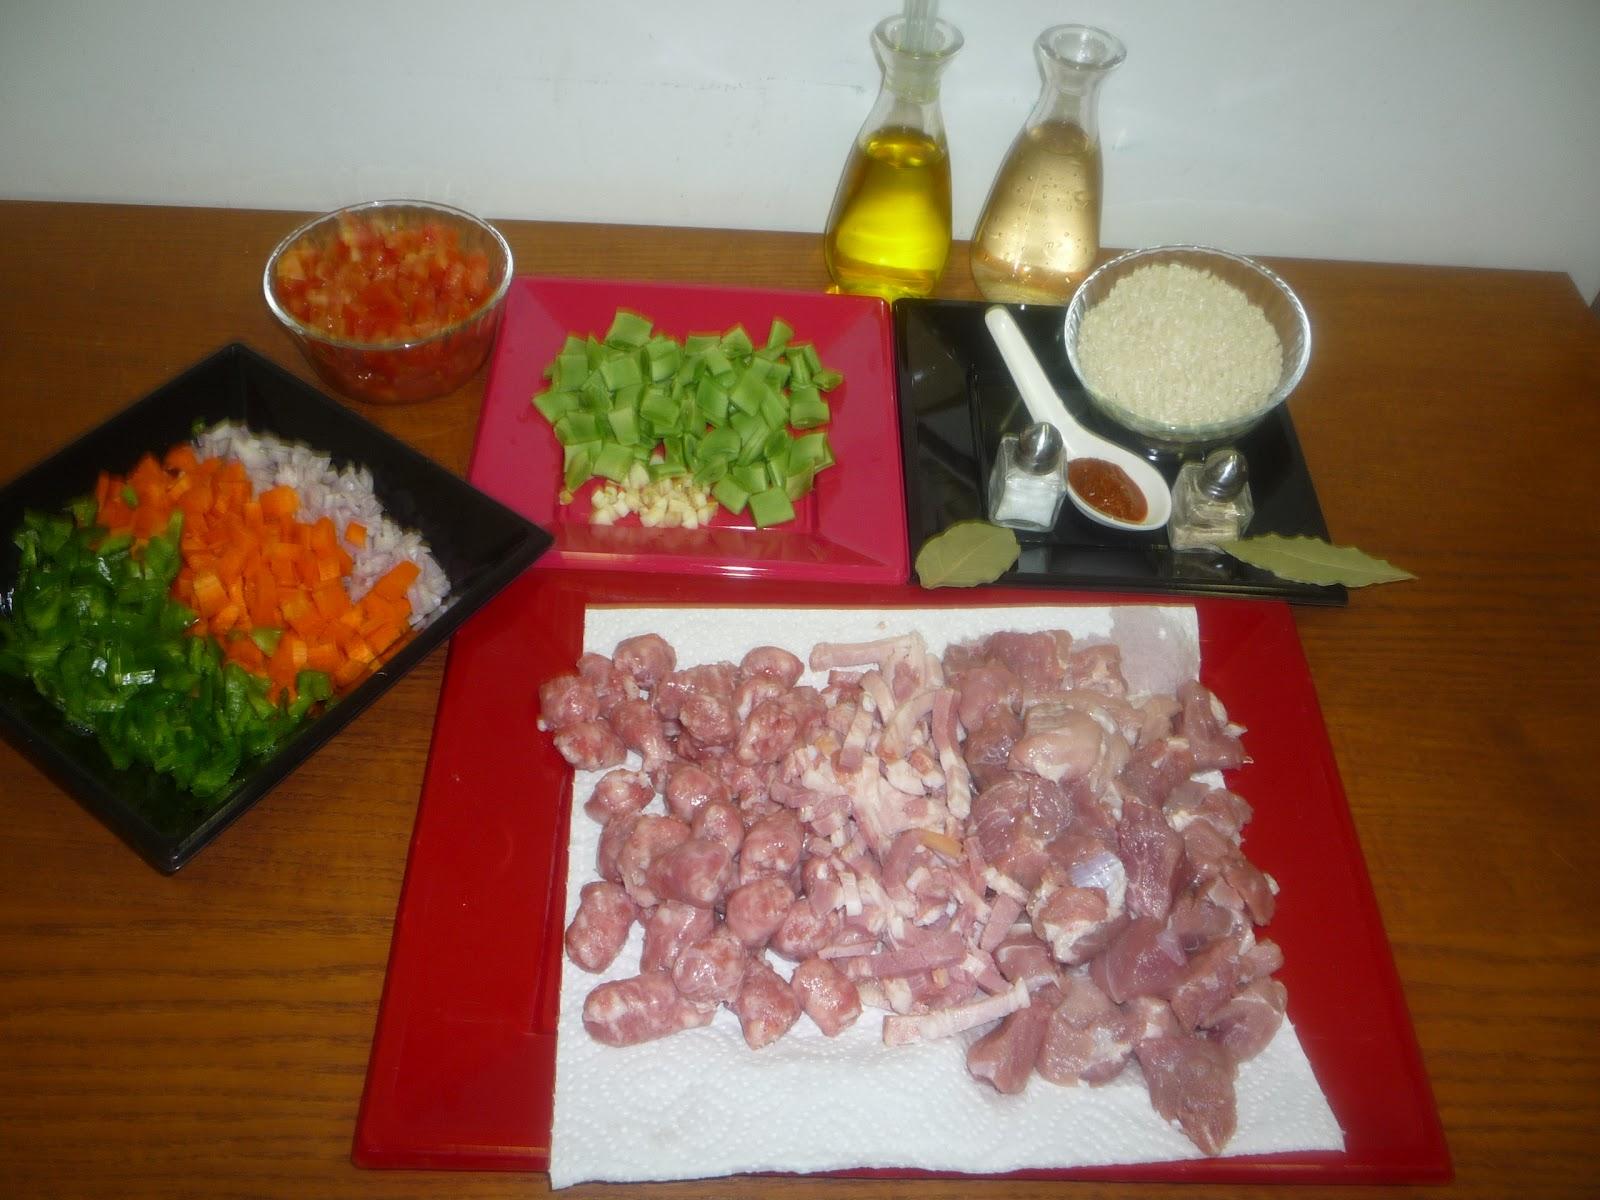 Mi Cocina Recetas Sencillas Arroz De Verdura Y Carne De